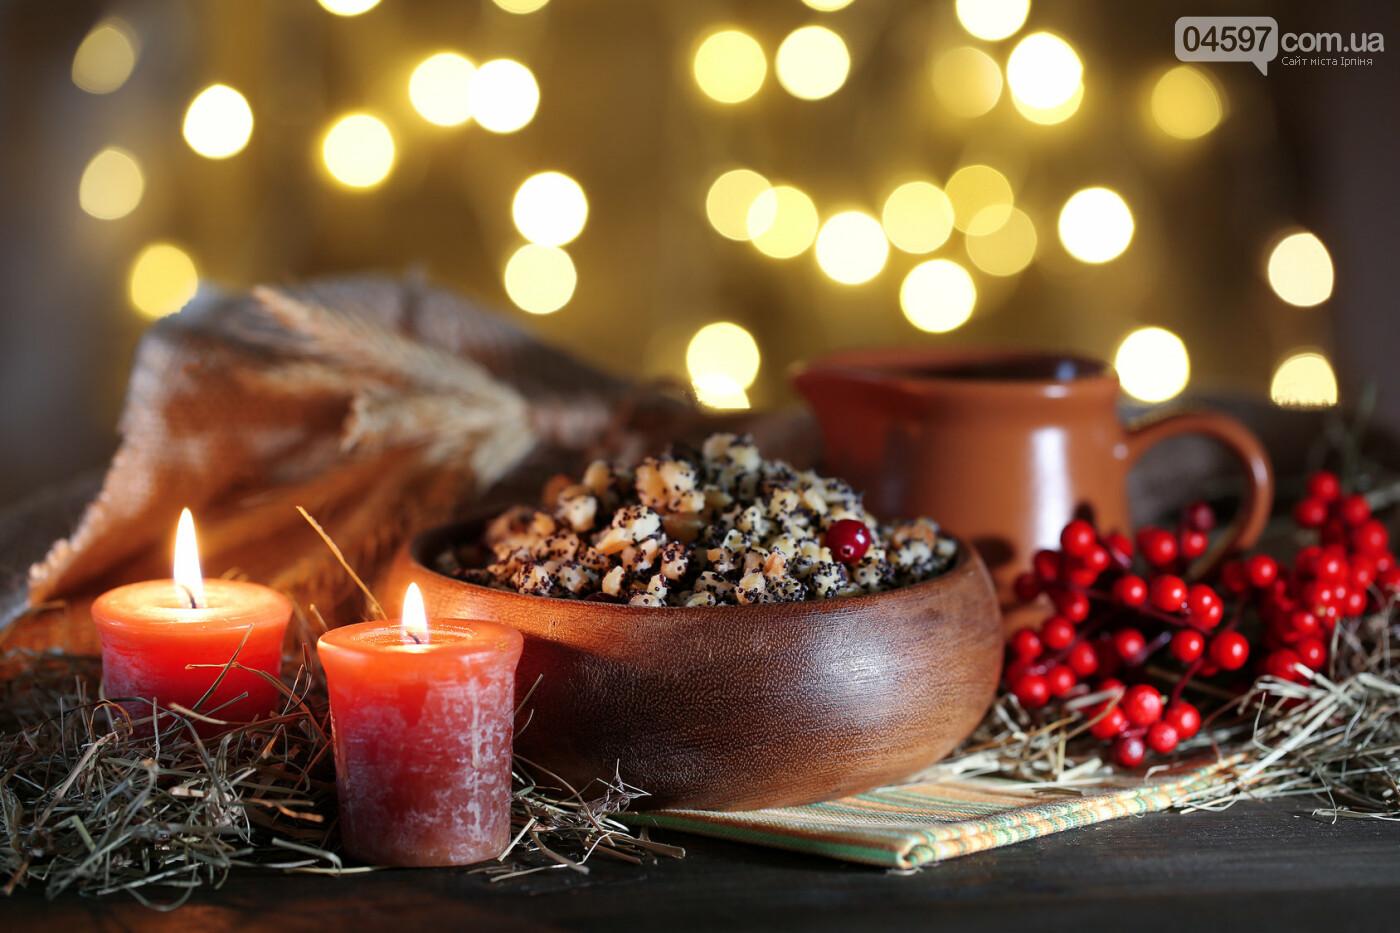 Погода на Різдво: чого чекати ірпінчанам, фото-1